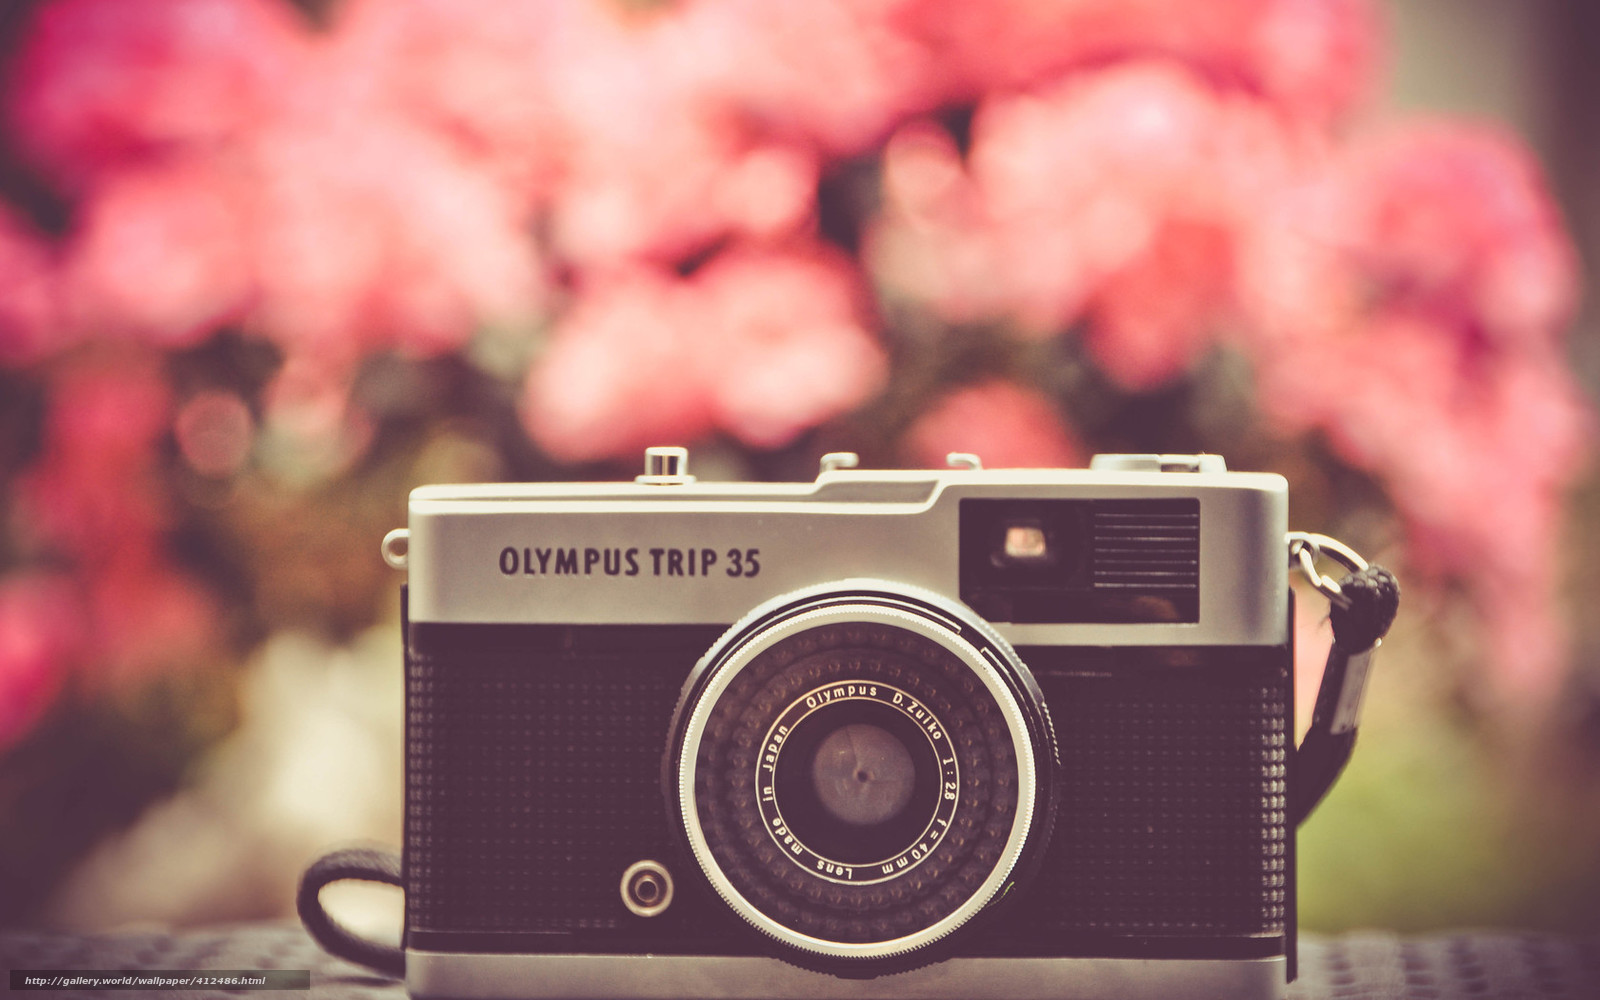 Фото из найденного фотоаппарата 14 фотография